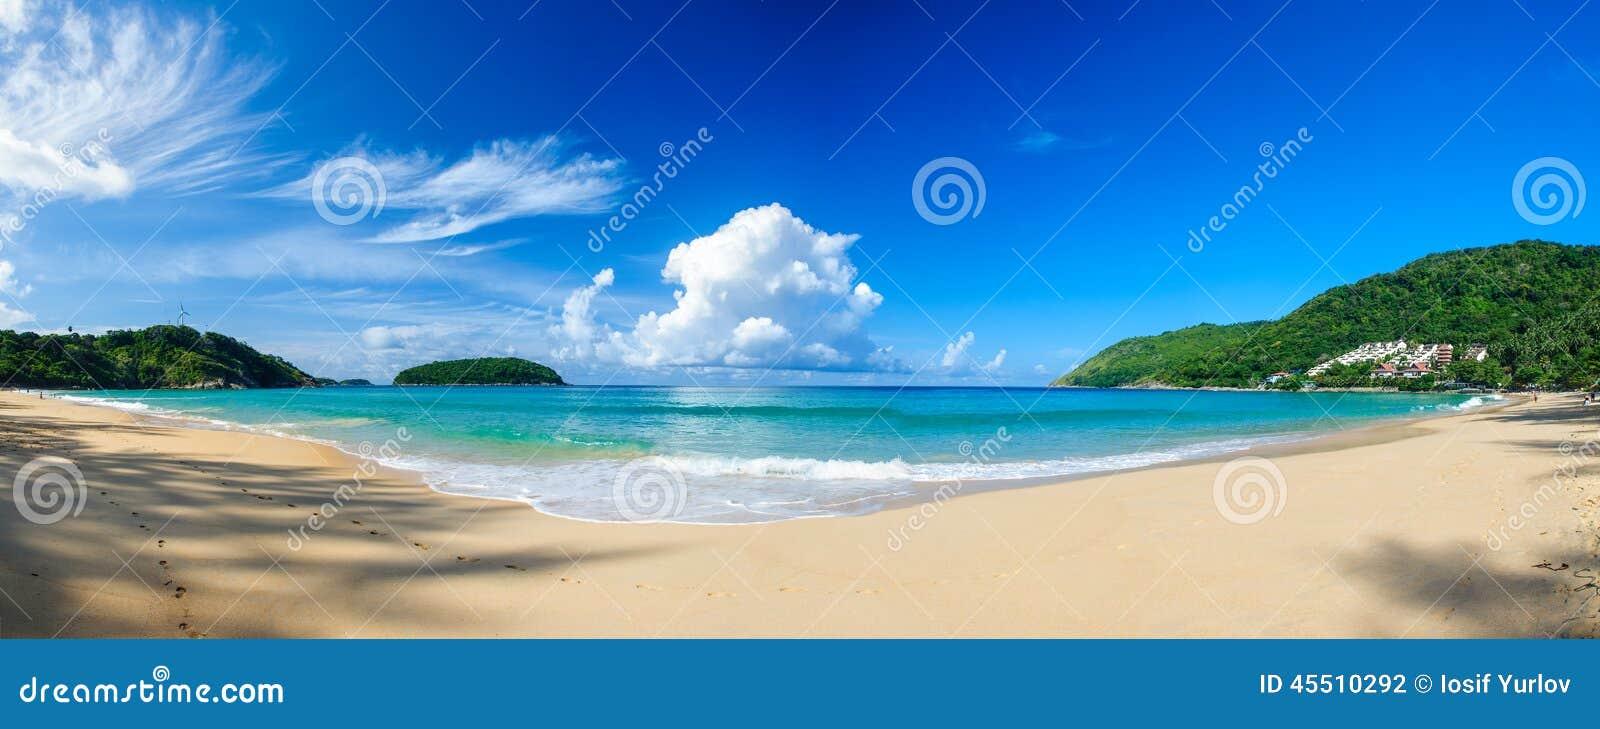 Vista panorâmica de Nai Harn Beach em Phuket